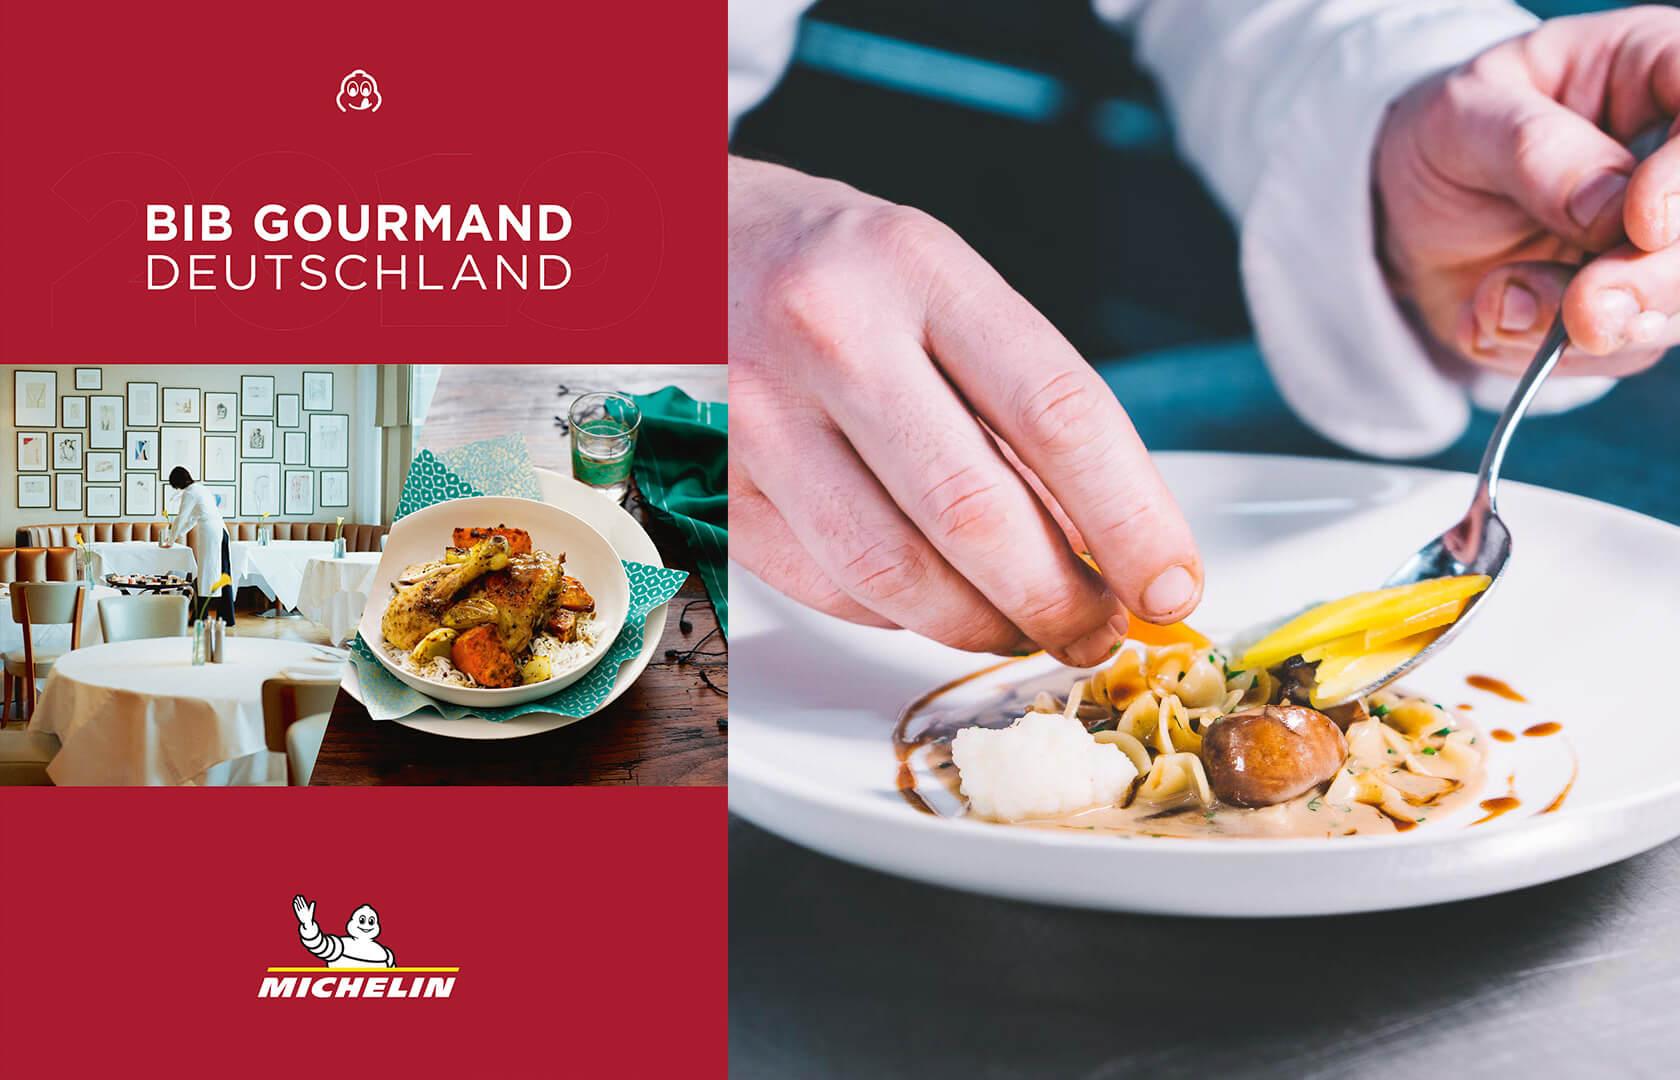 Bib Gourmand Deutschland 2019